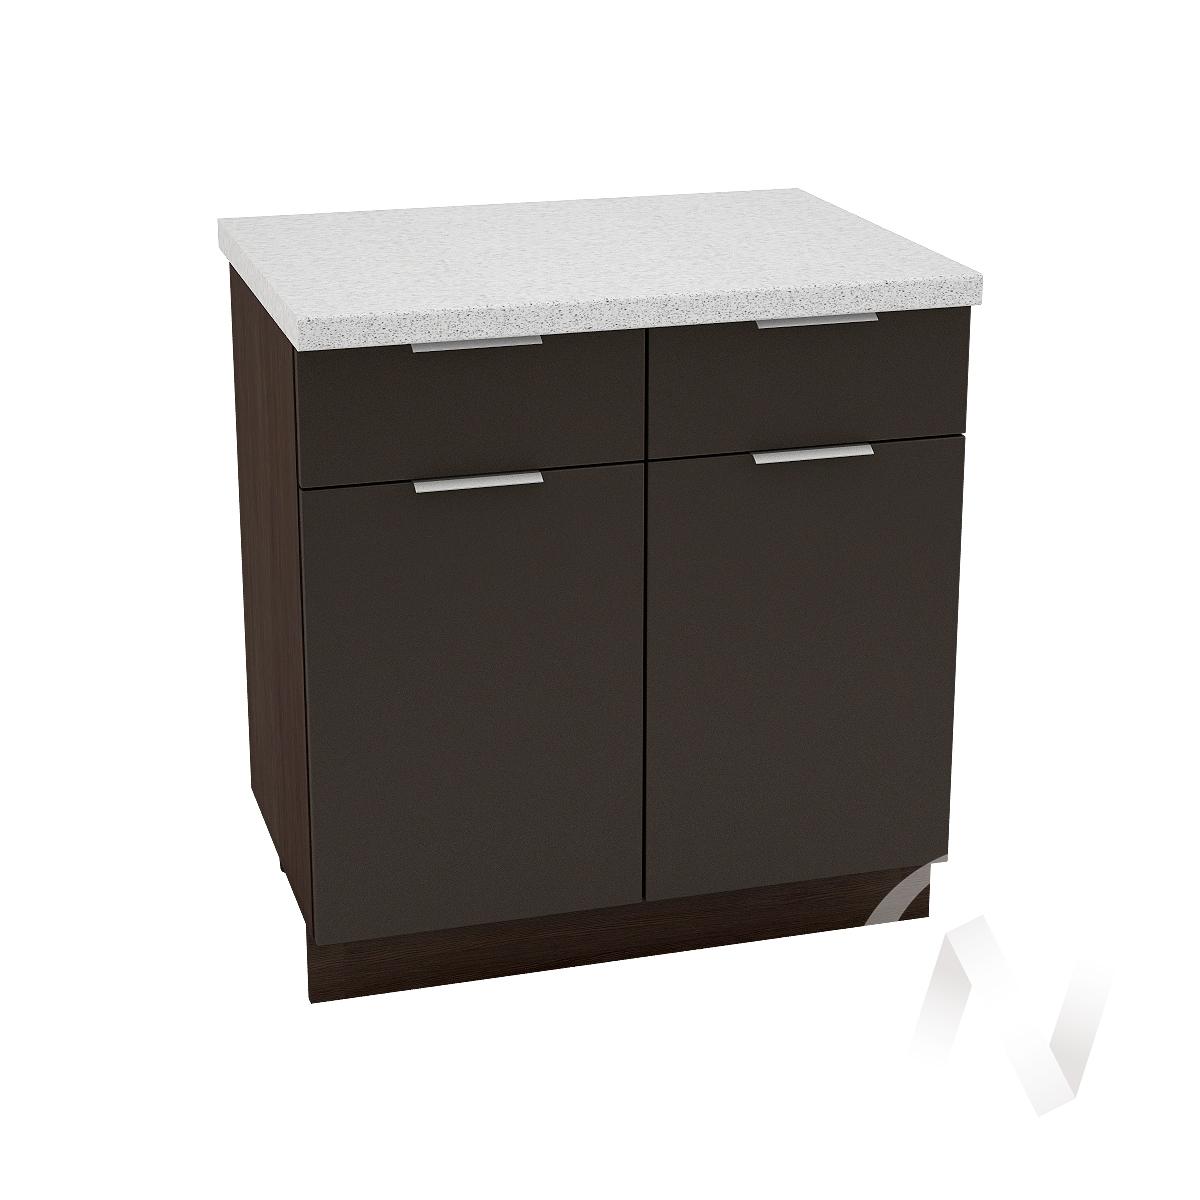 """Кухня """"Терра"""": Шкаф нижний с ящиками 800, ШН1Я 800 (смоки софт/корпус венге)"""